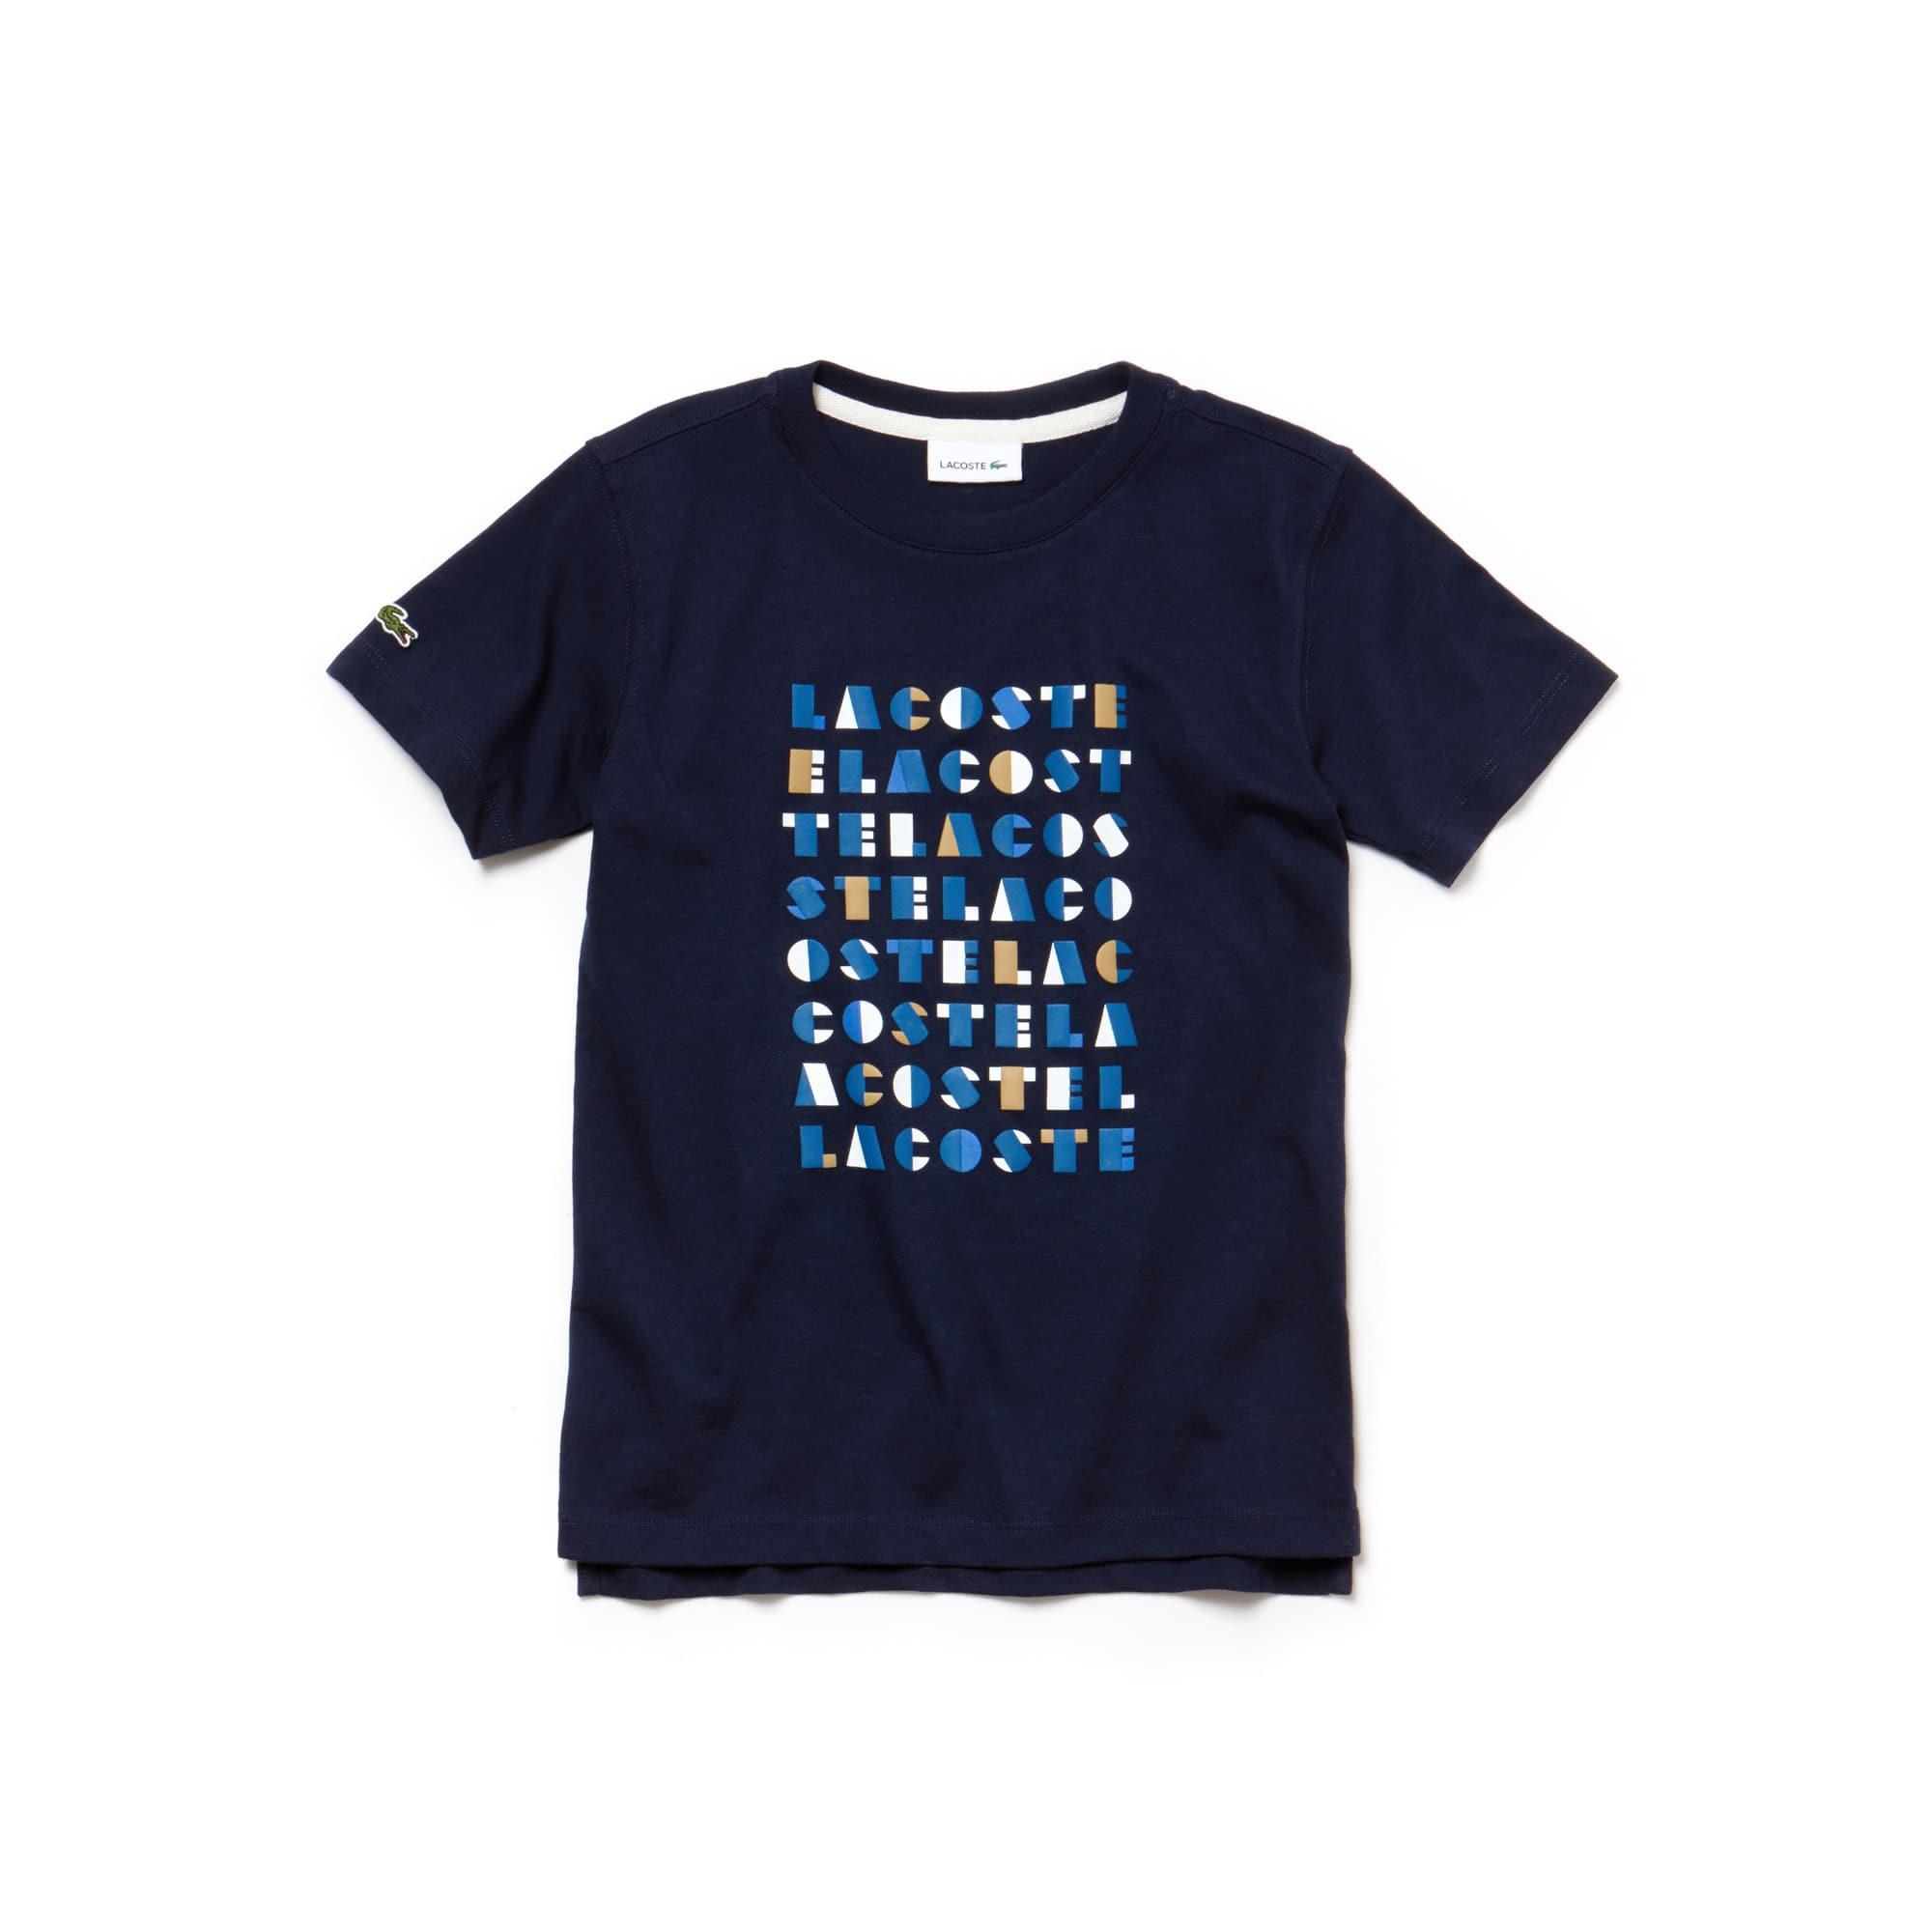 Grafisches Jungen Rundhals-T-Shirt mit LACOSTE Schriftzug